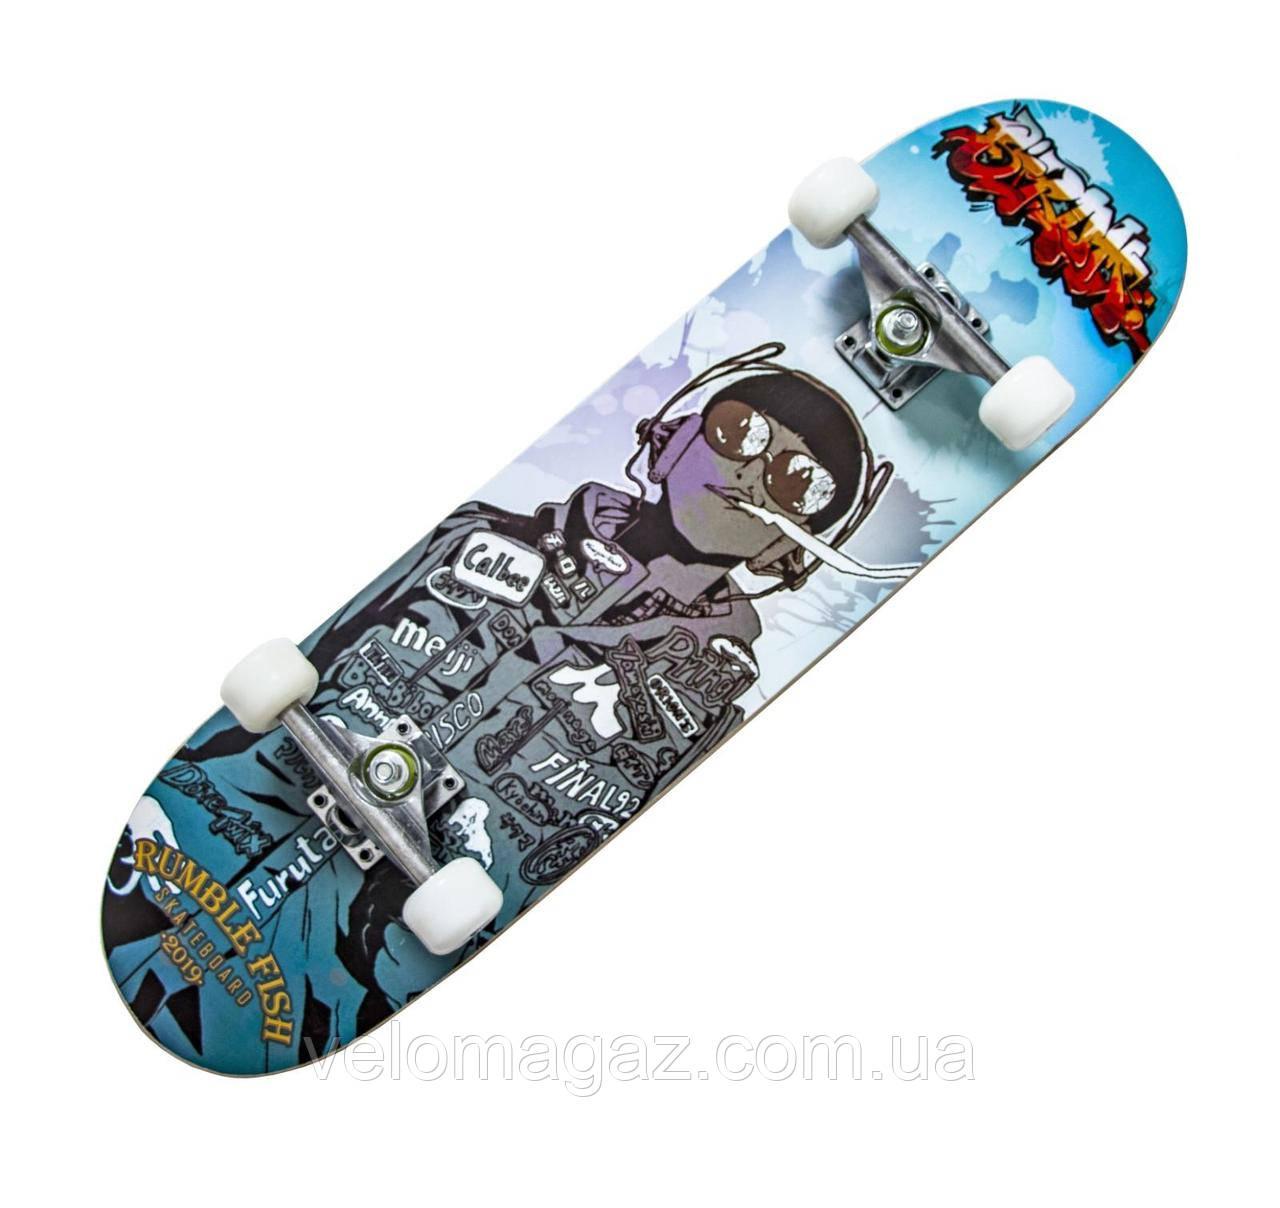 """Дерев'яний скейтборд """"HANDS FREE"""", 78*20 см"""